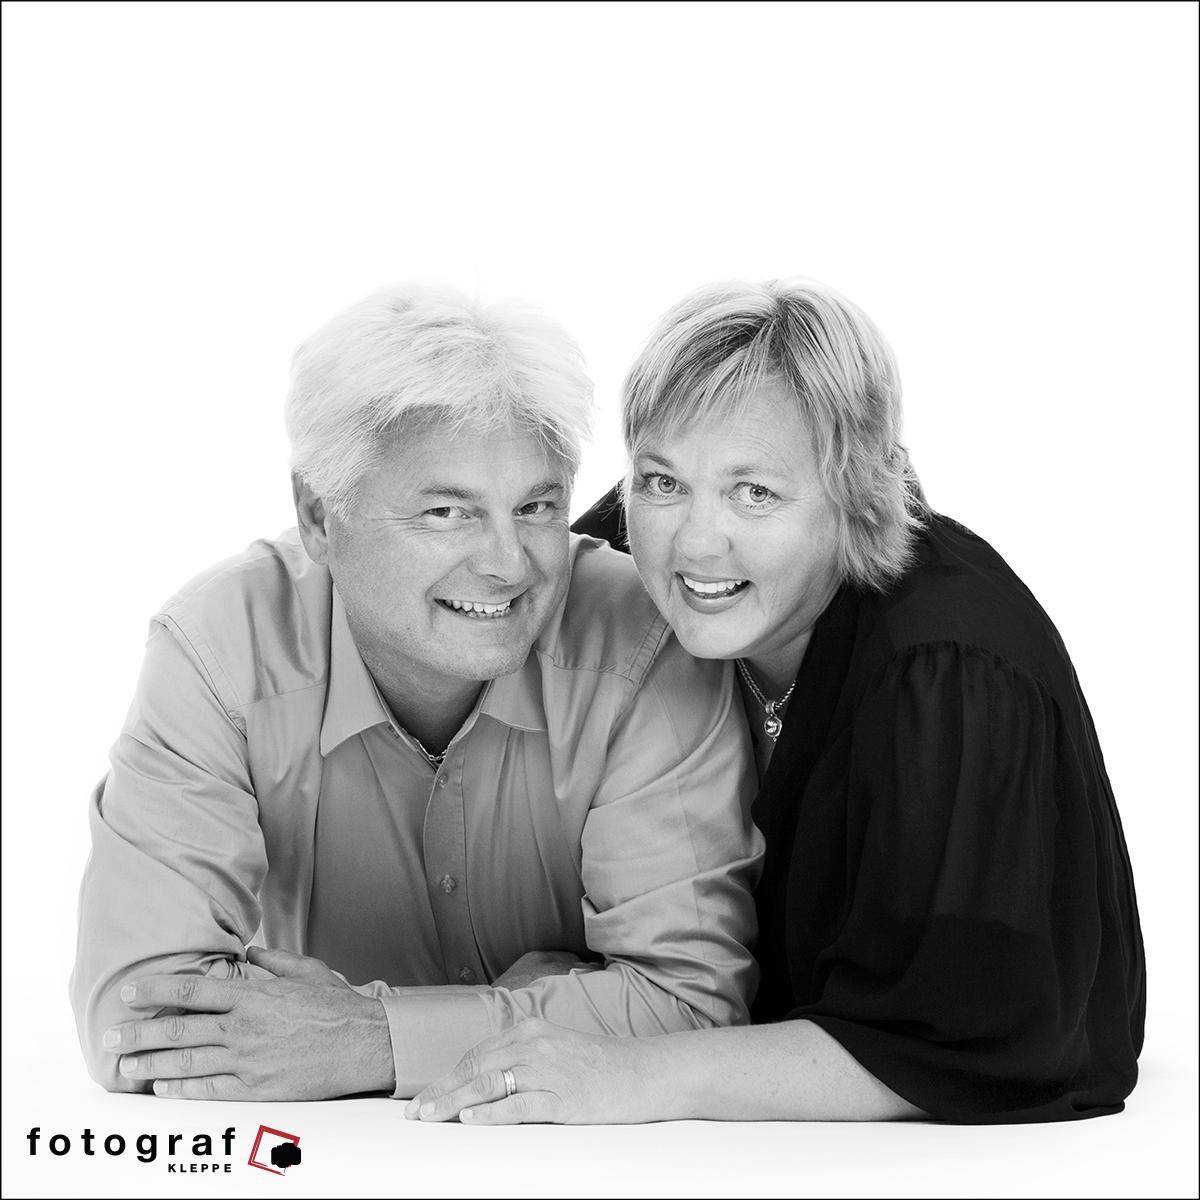 fotograf-kleppe-familie-fotografering-2